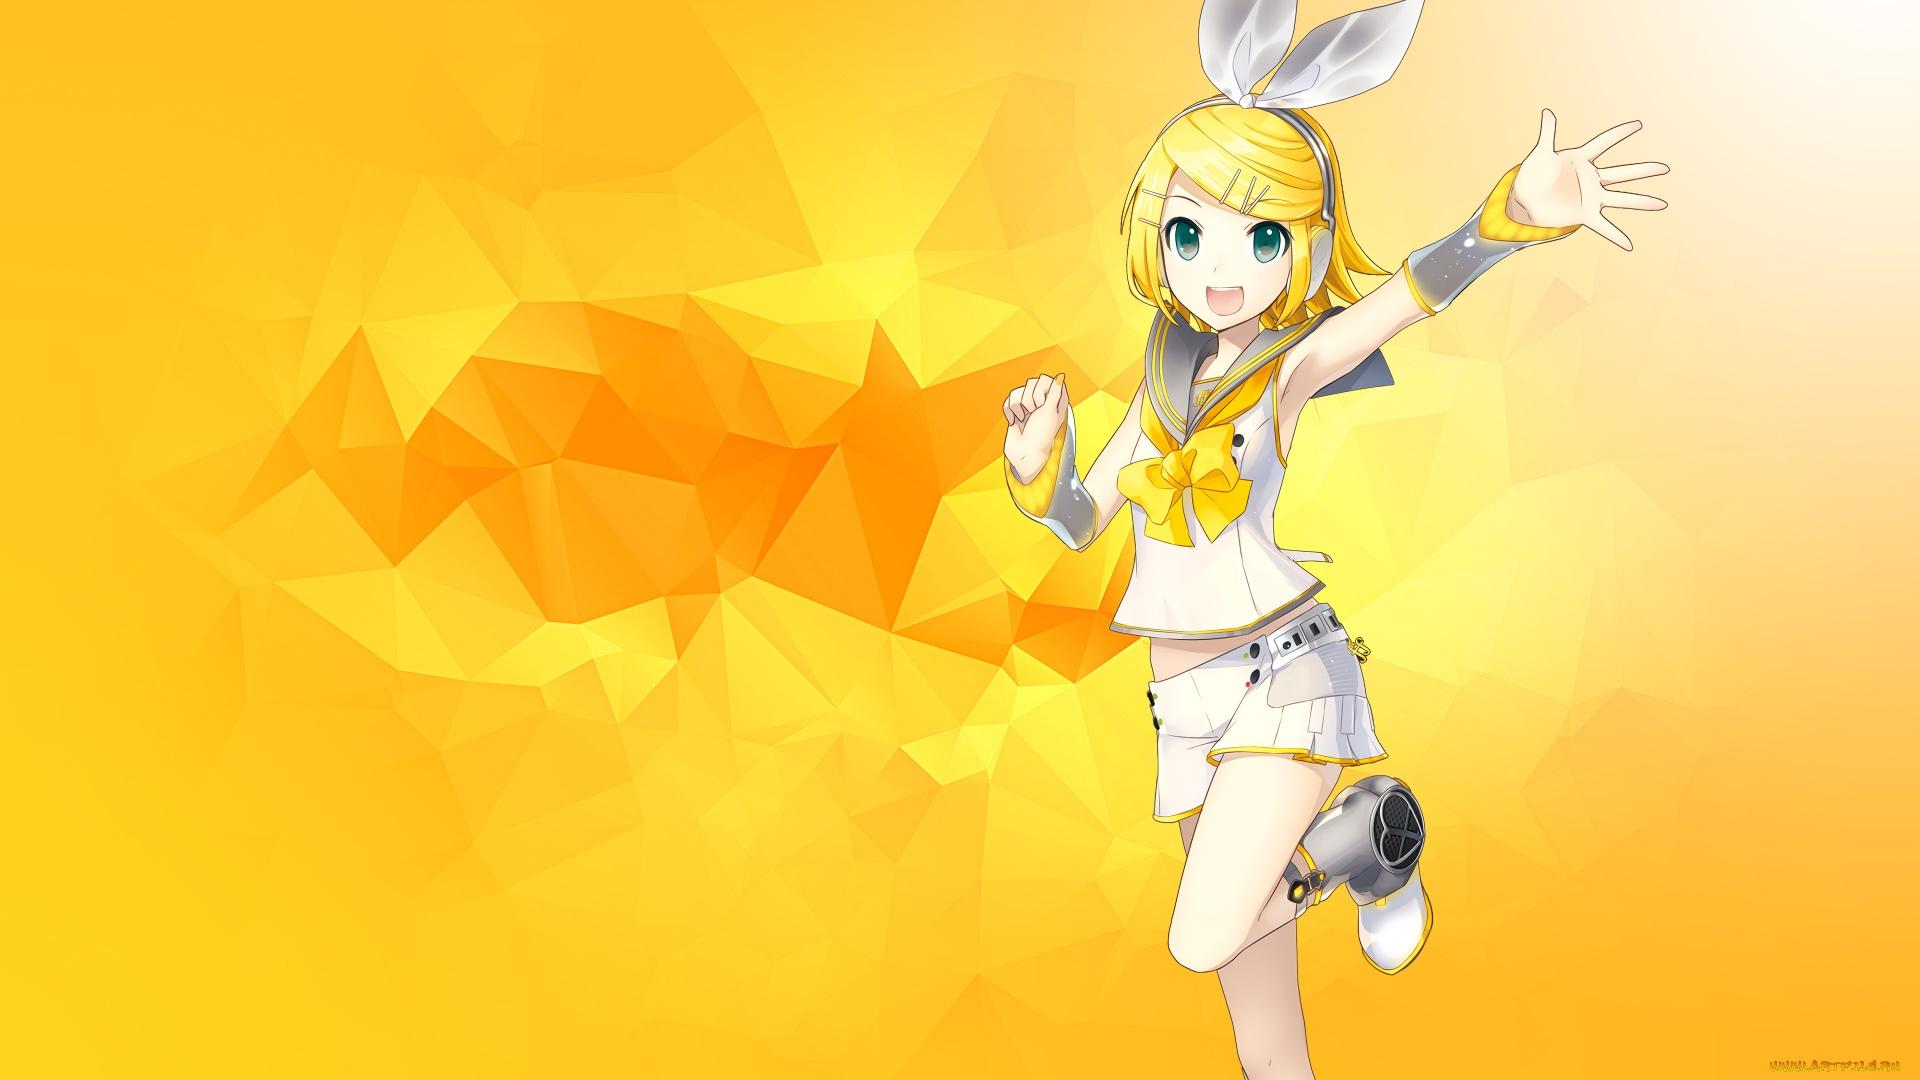 Anime Girls For Windows cool wallpaper